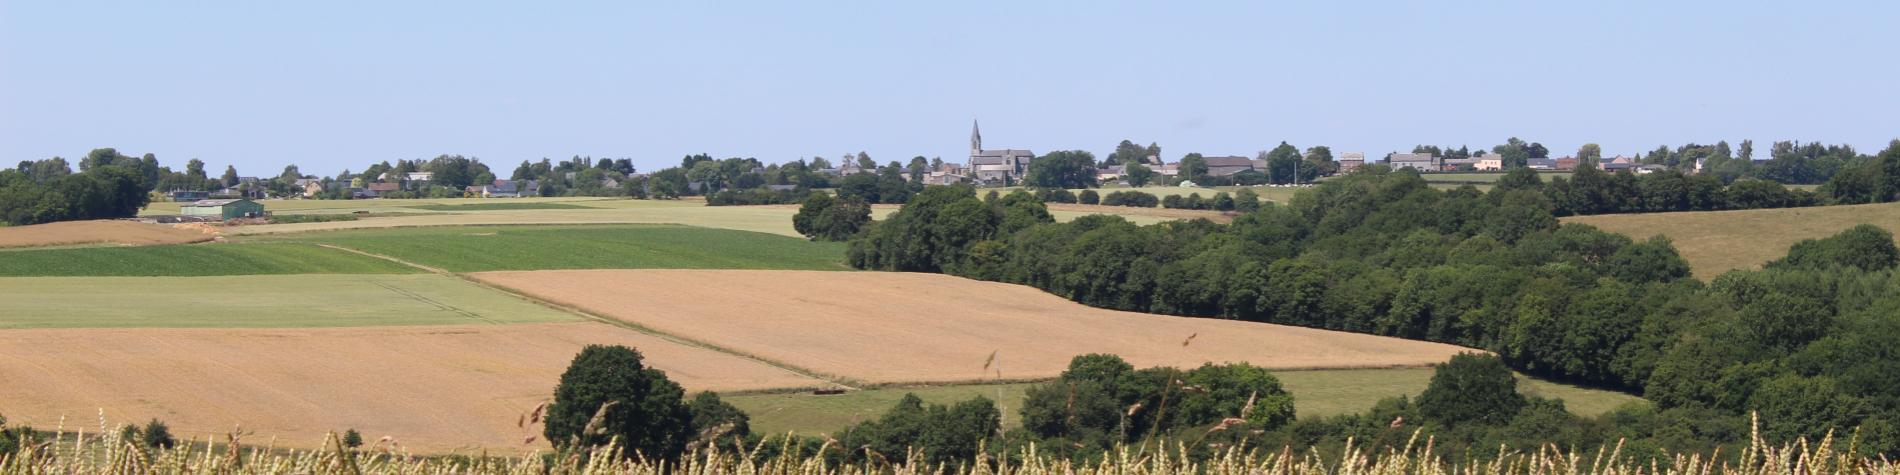 Village de Maillen - Vue d'été - province de Namur